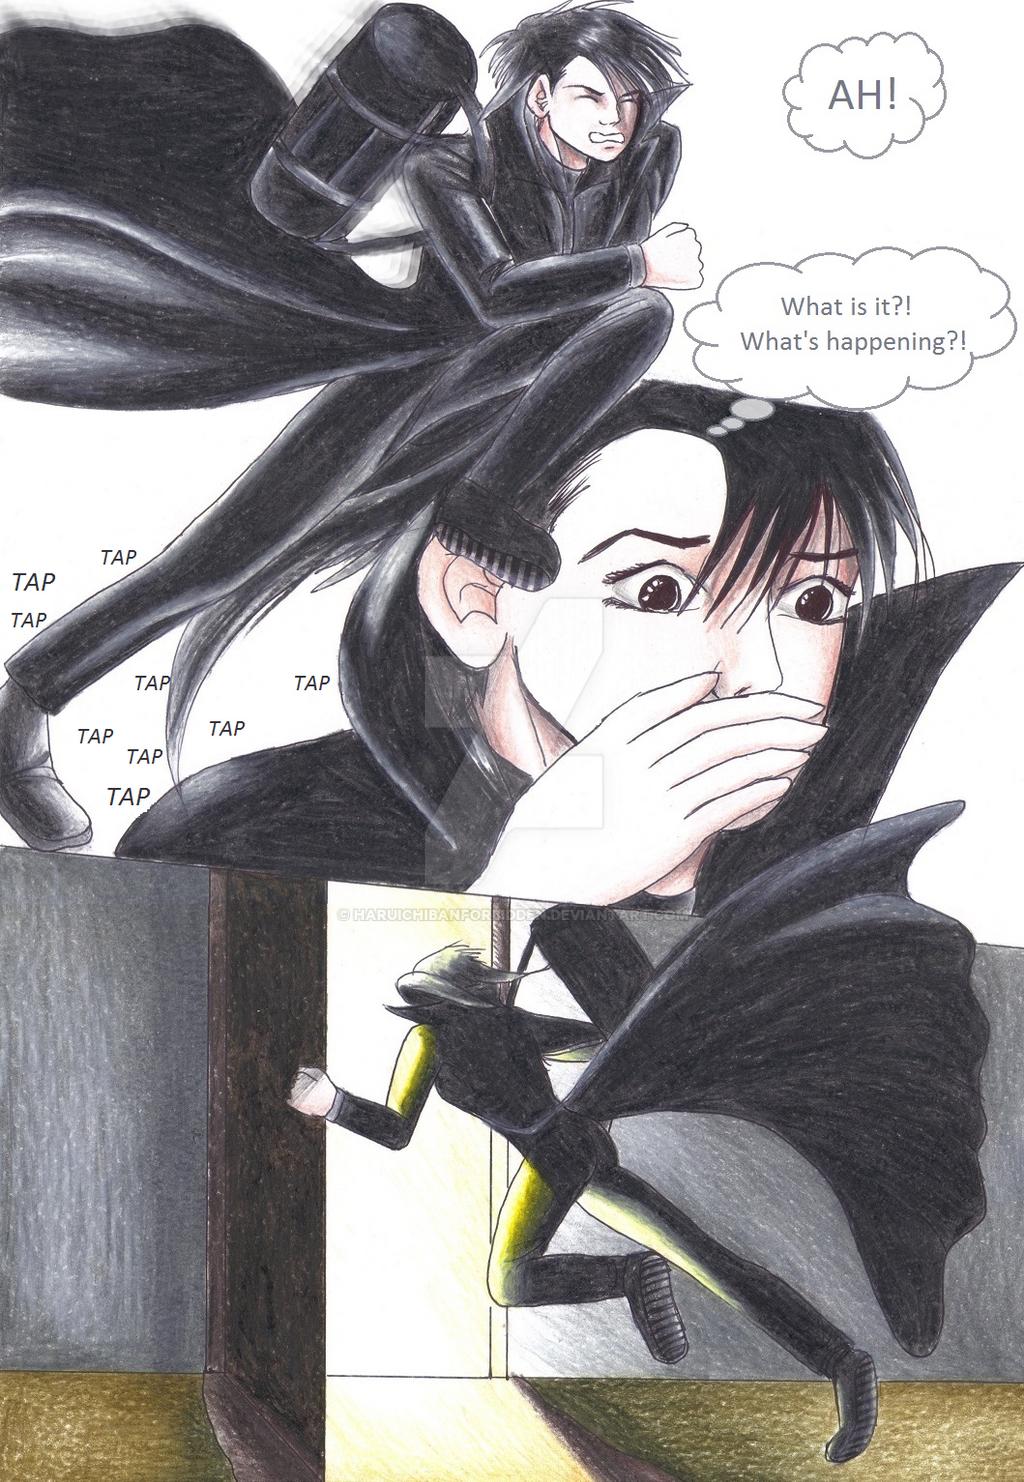 Forbidden - Day 0 Page 11 by HaruIchibanForbidden